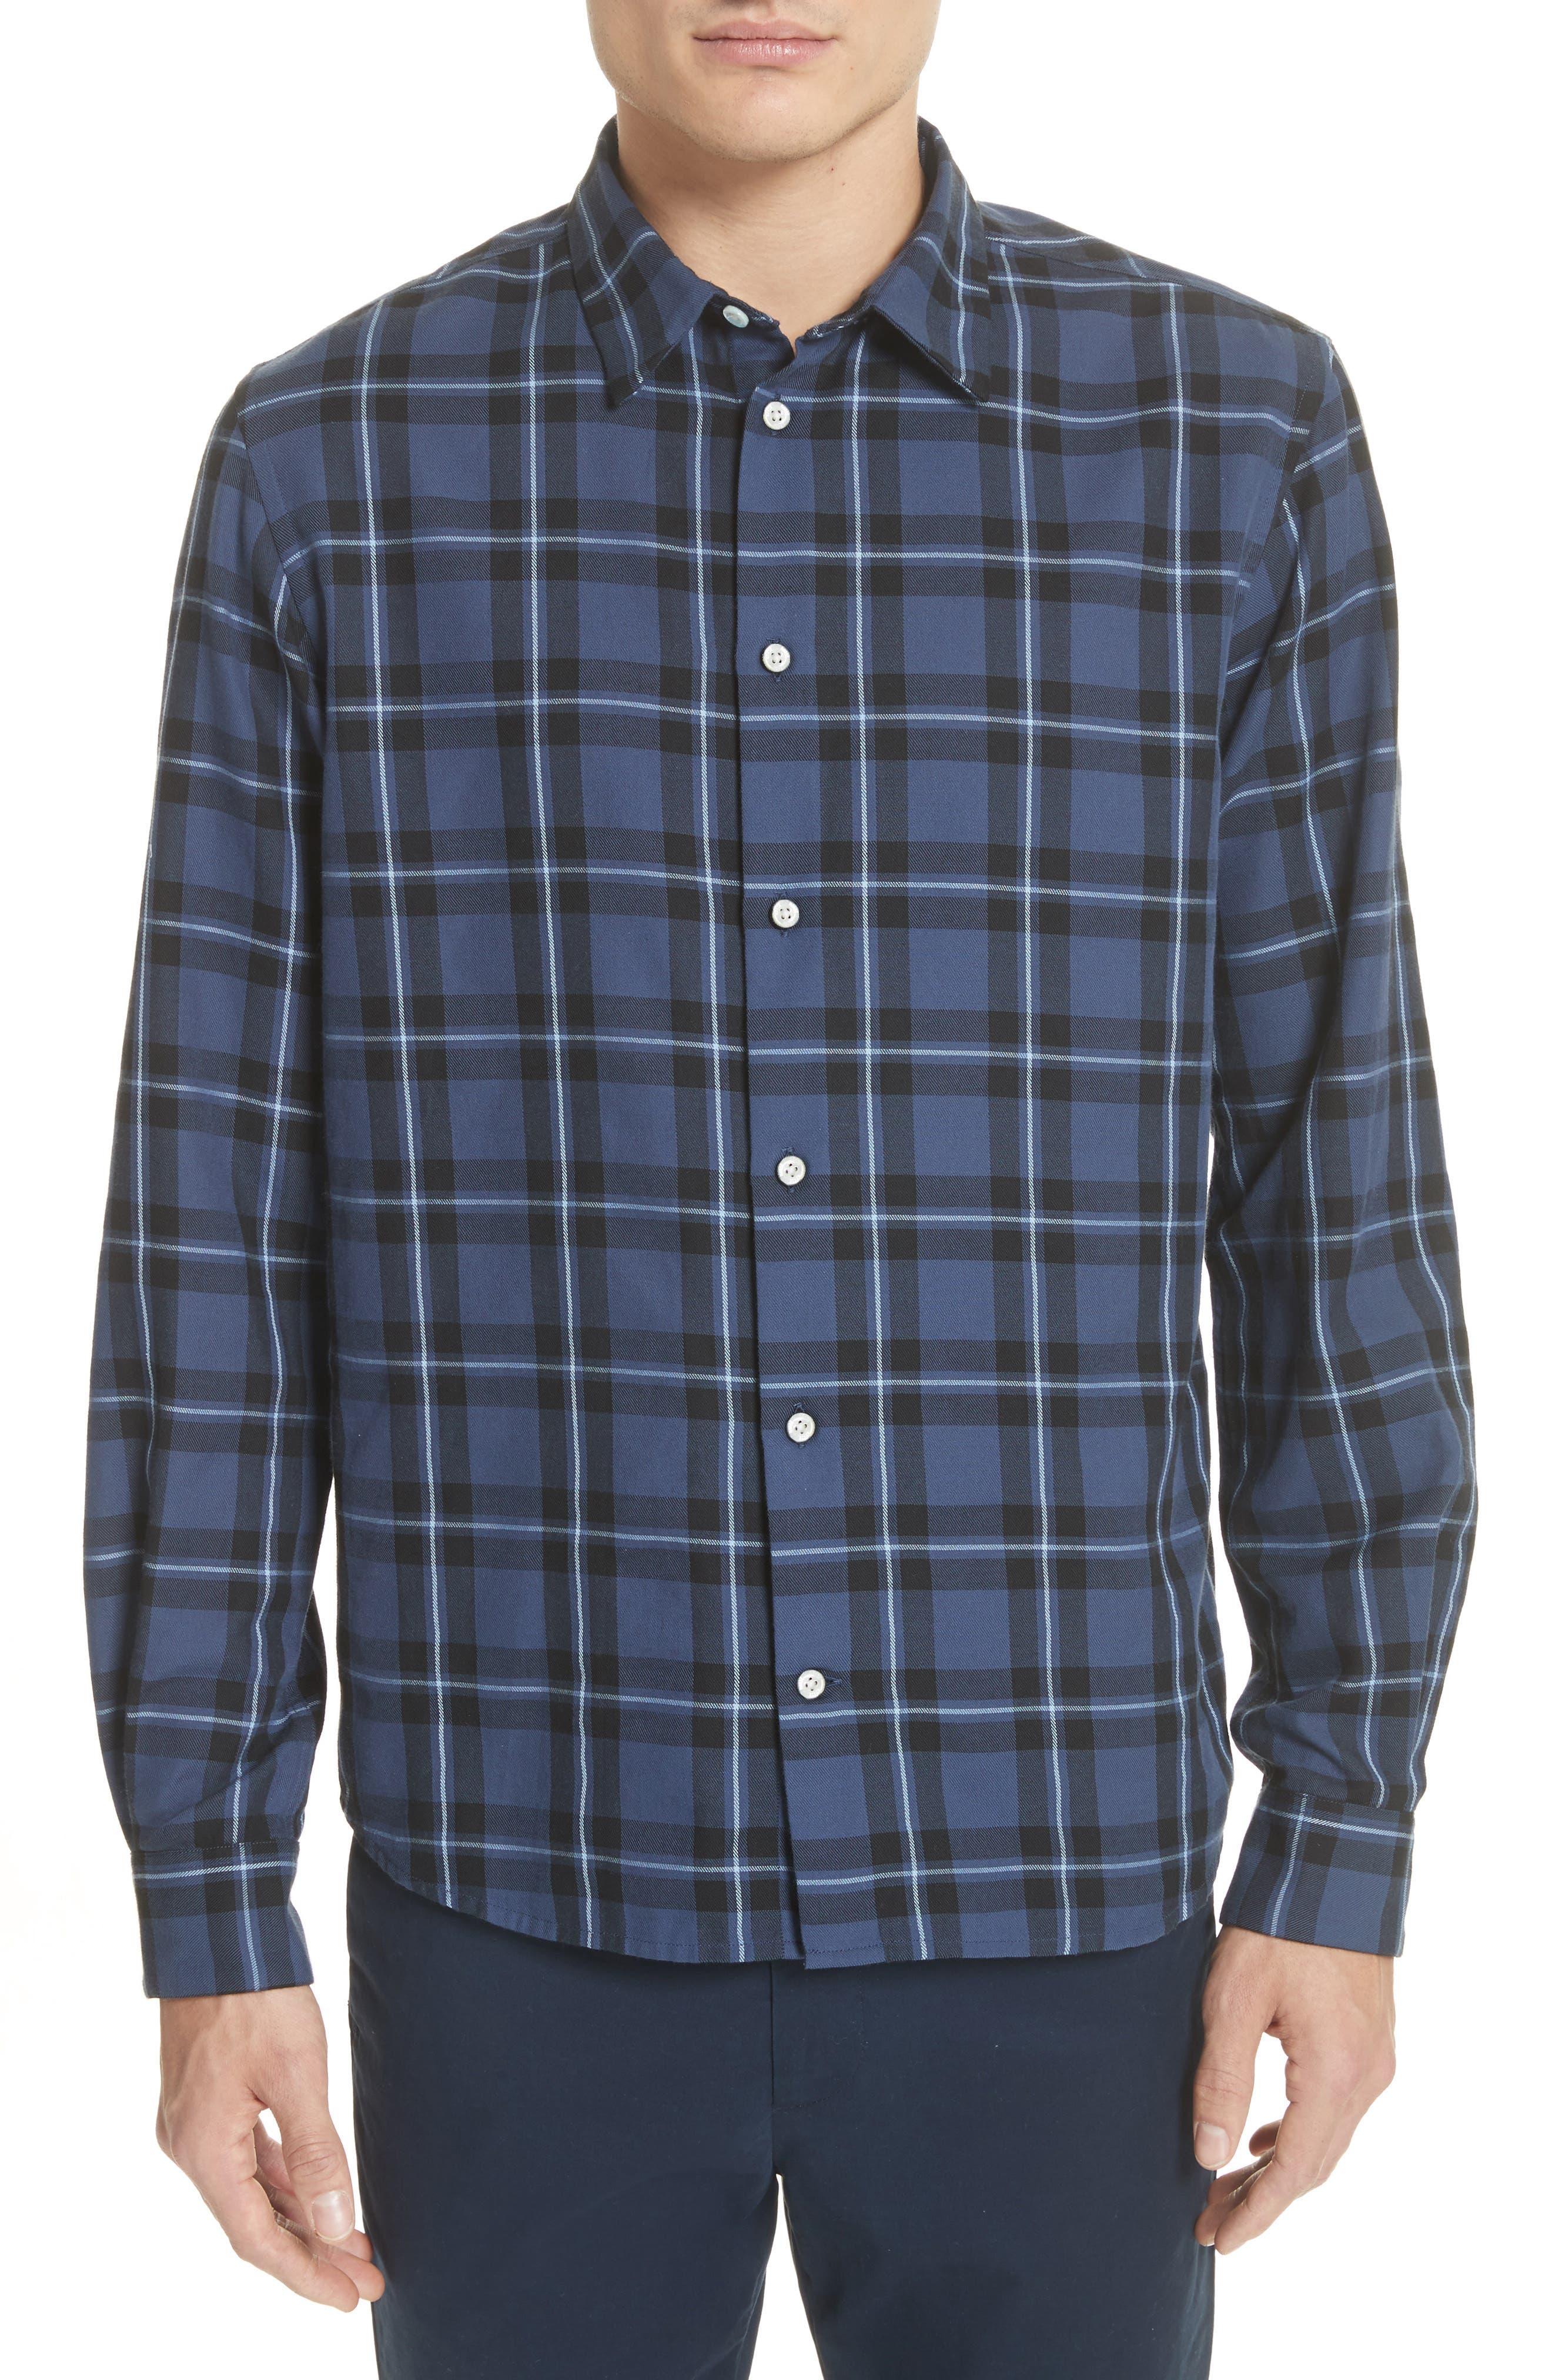 Hans Check Woven Shirt,                             Main thumbnail 1, color,                             410